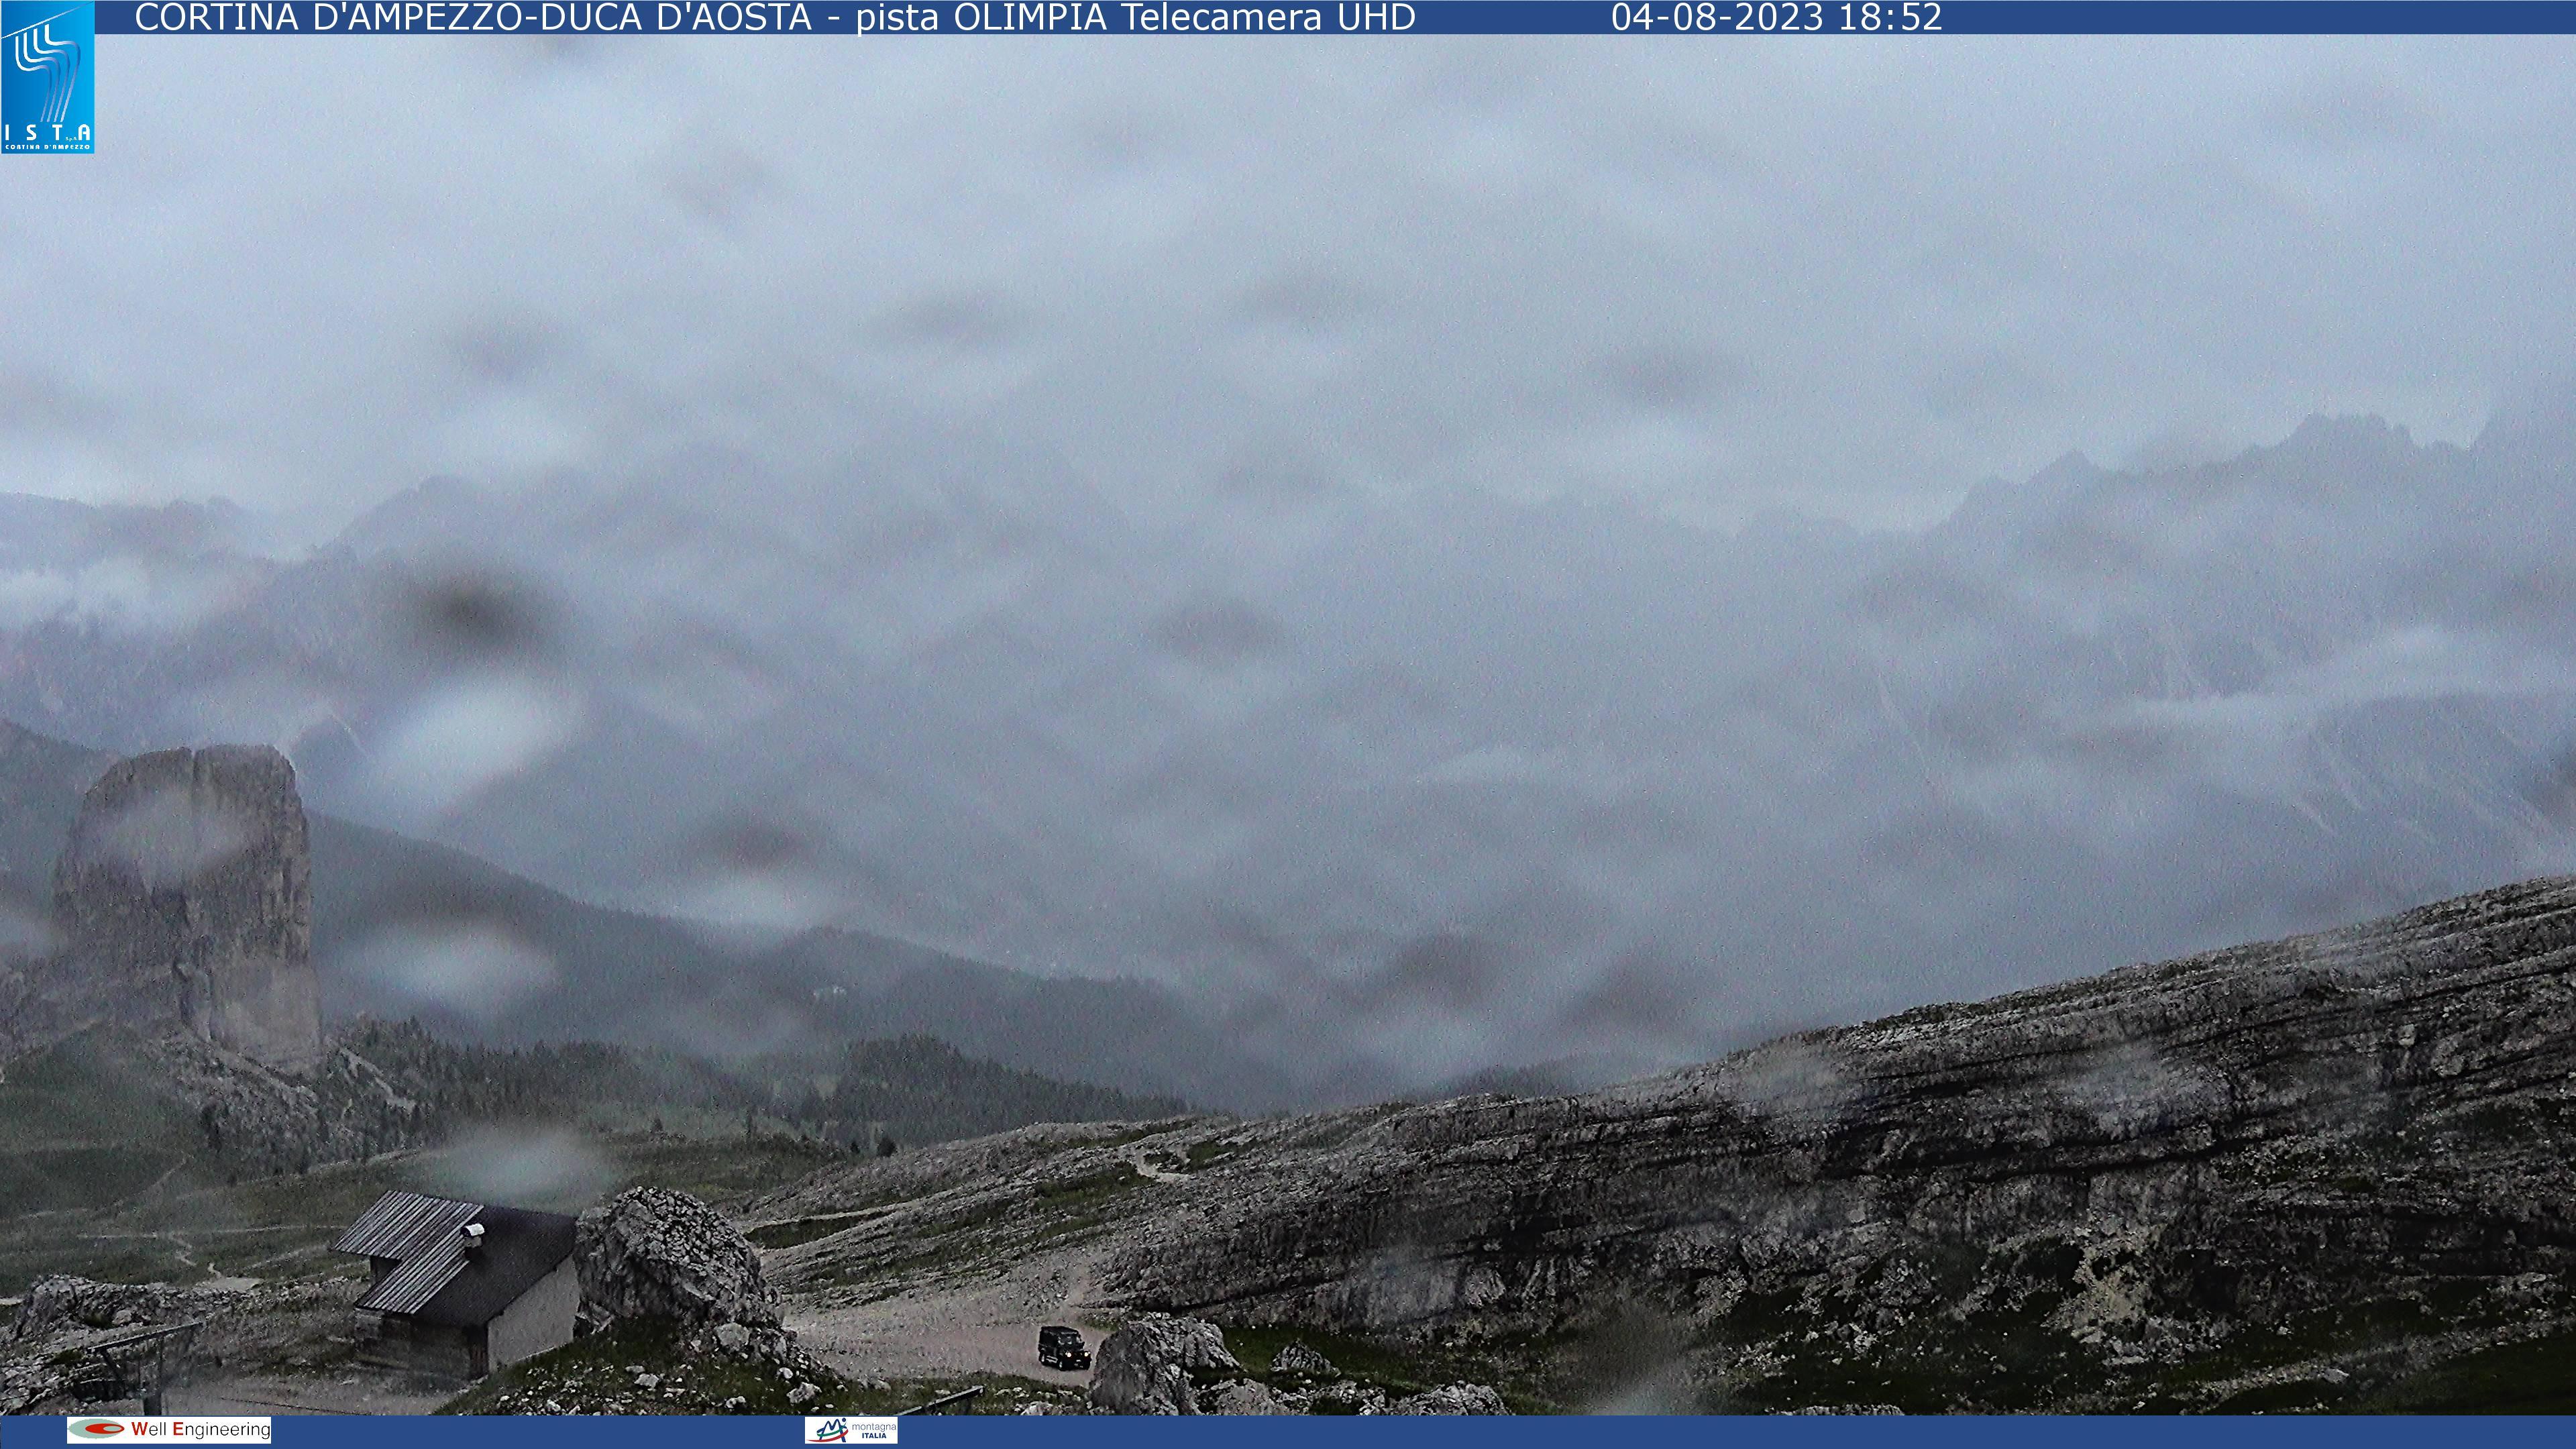 Webcam Pista Olimpia